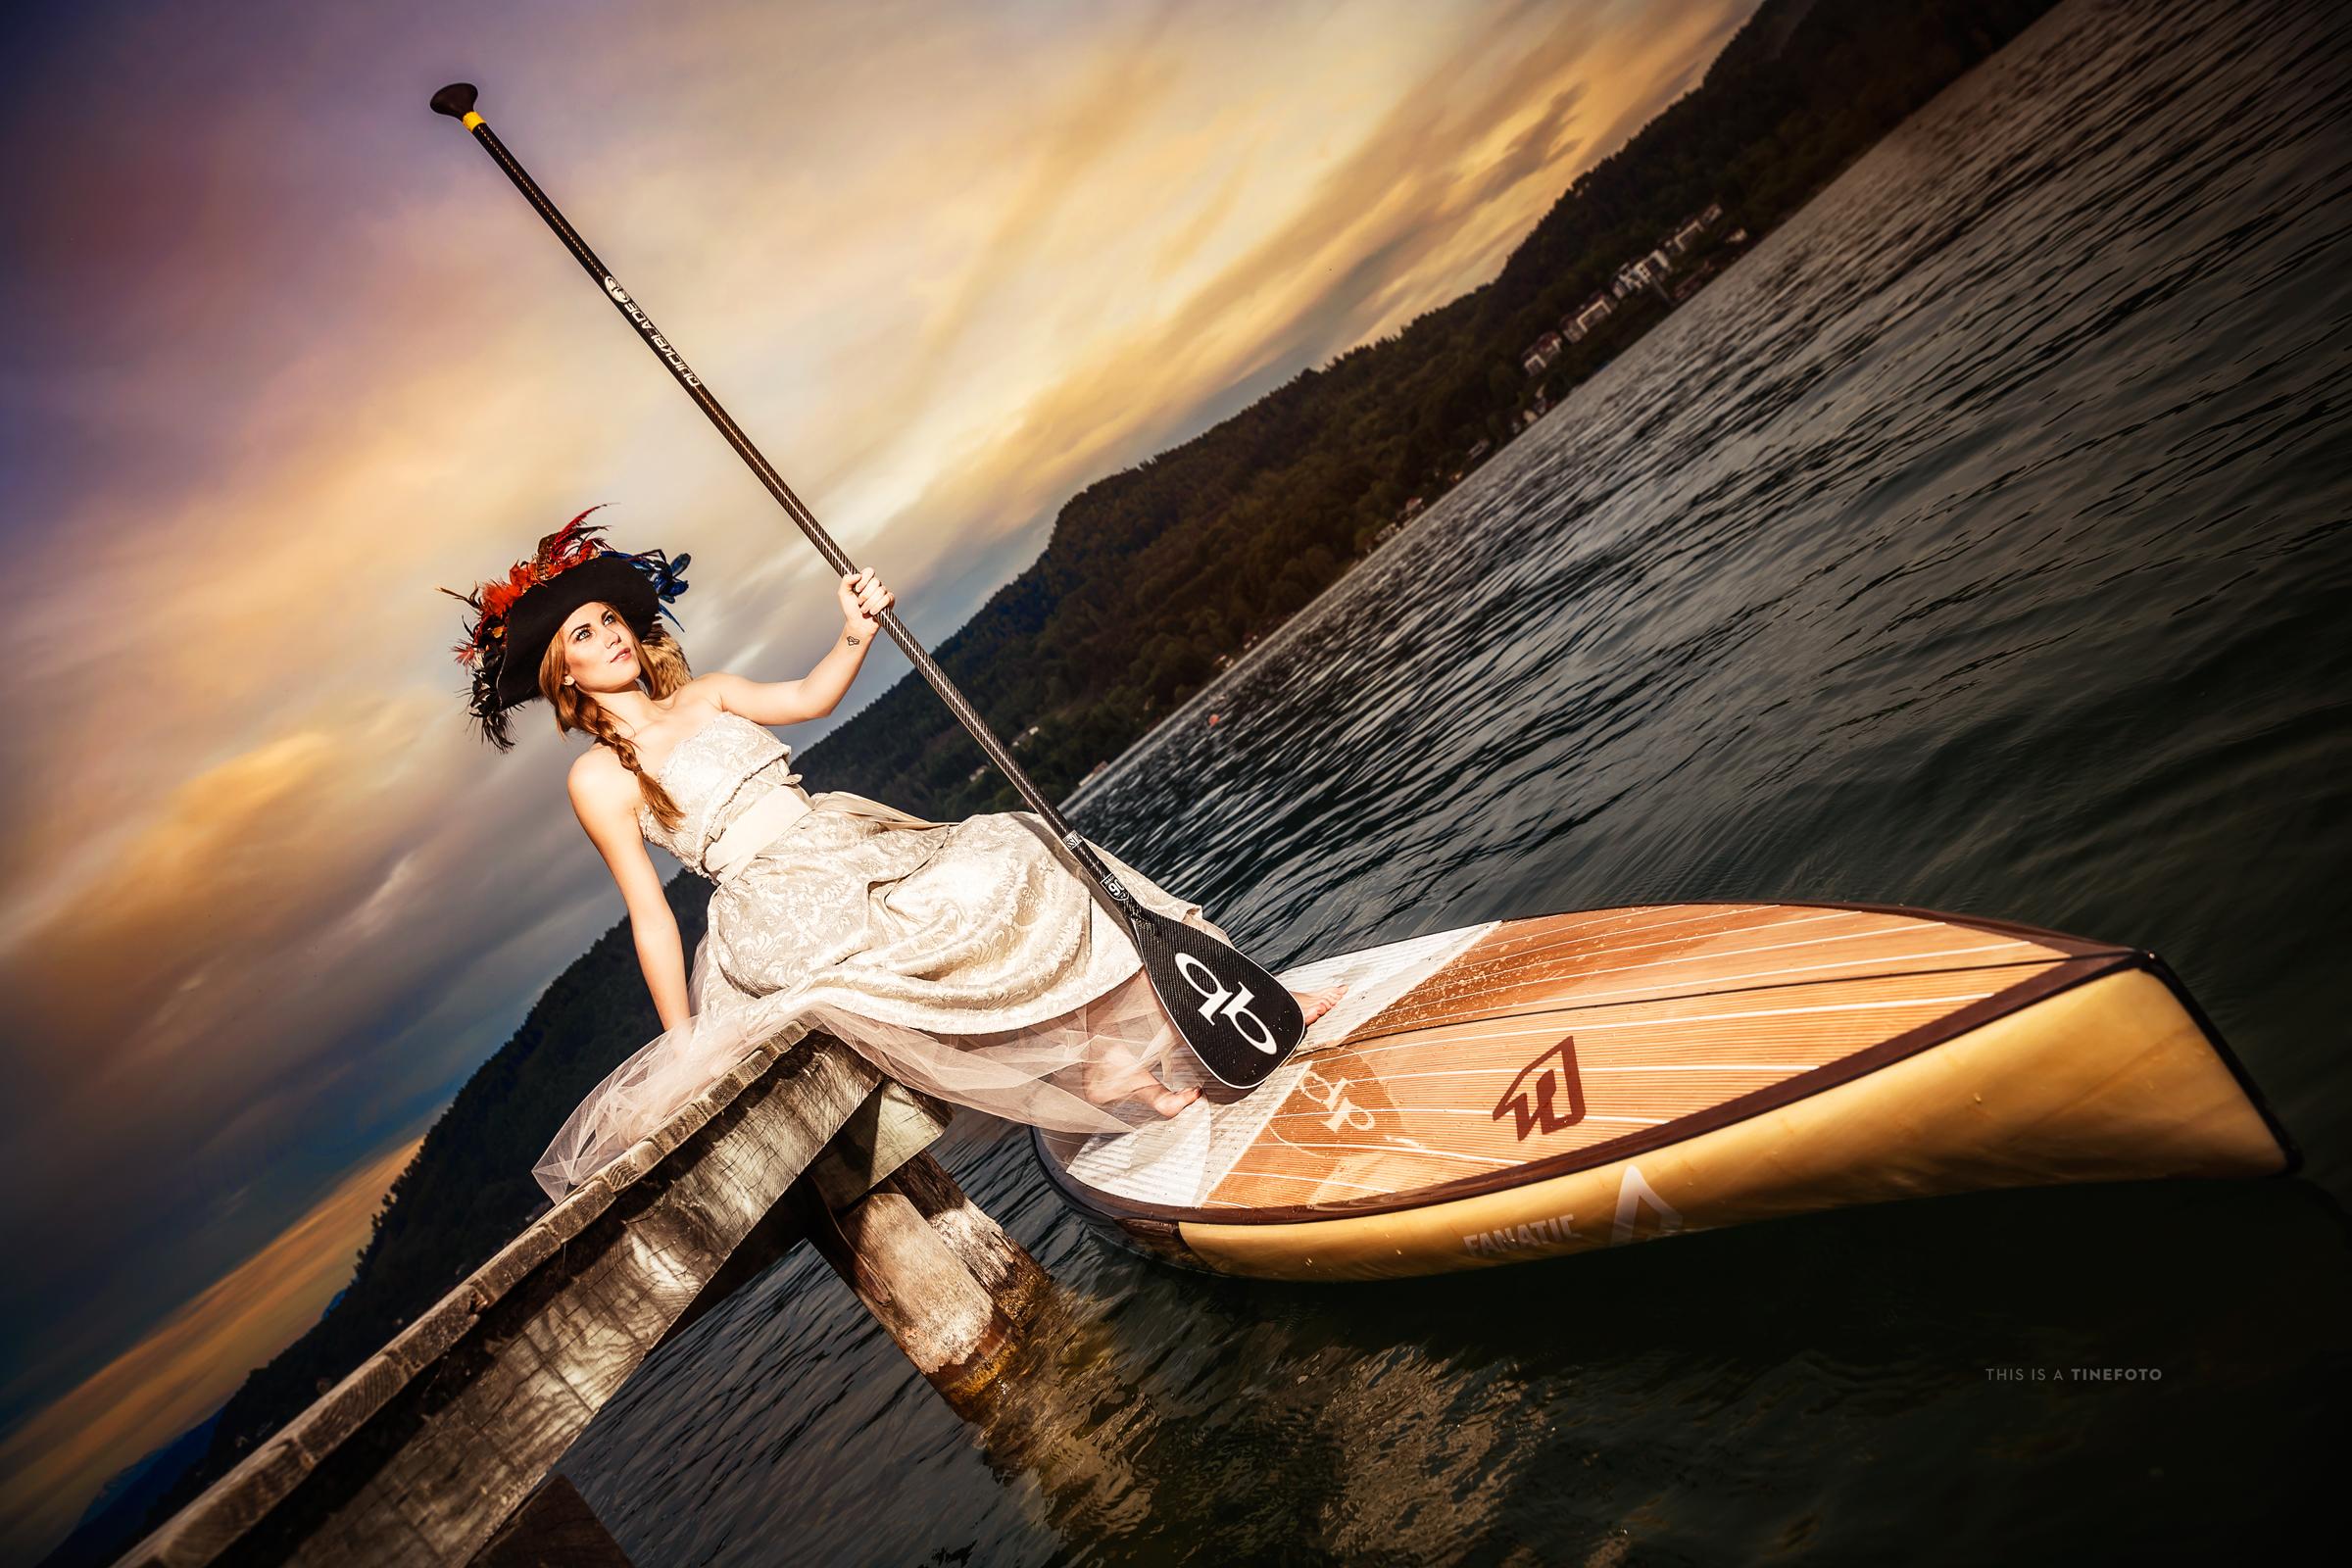 Bella mujer en una canoa - 2400x1600